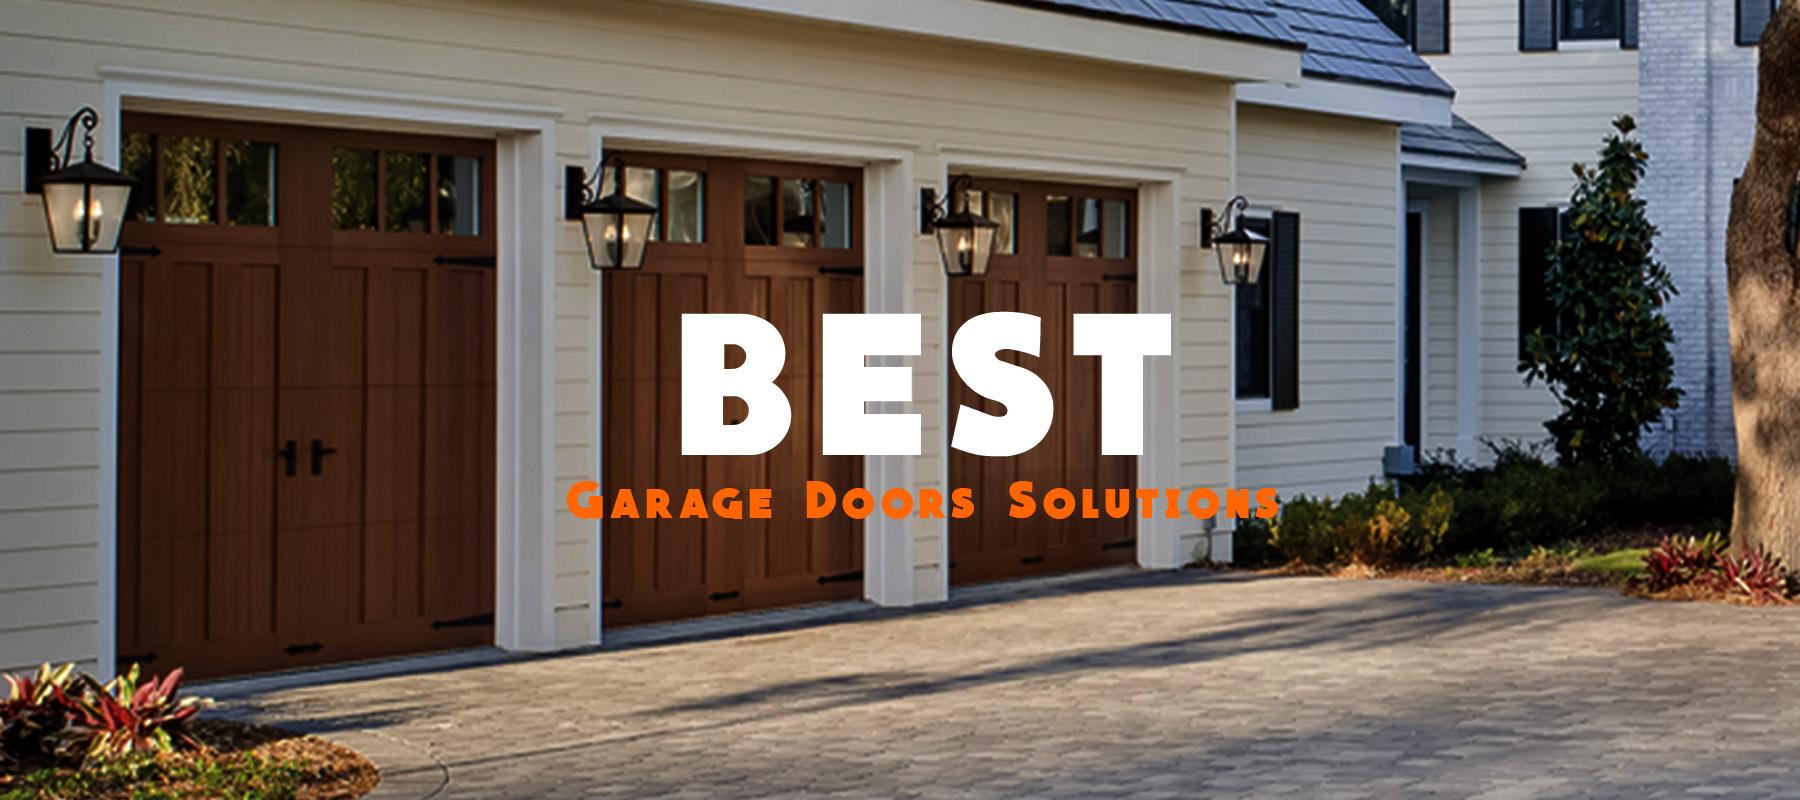 openers interior best opener picks top garage guide reviews door